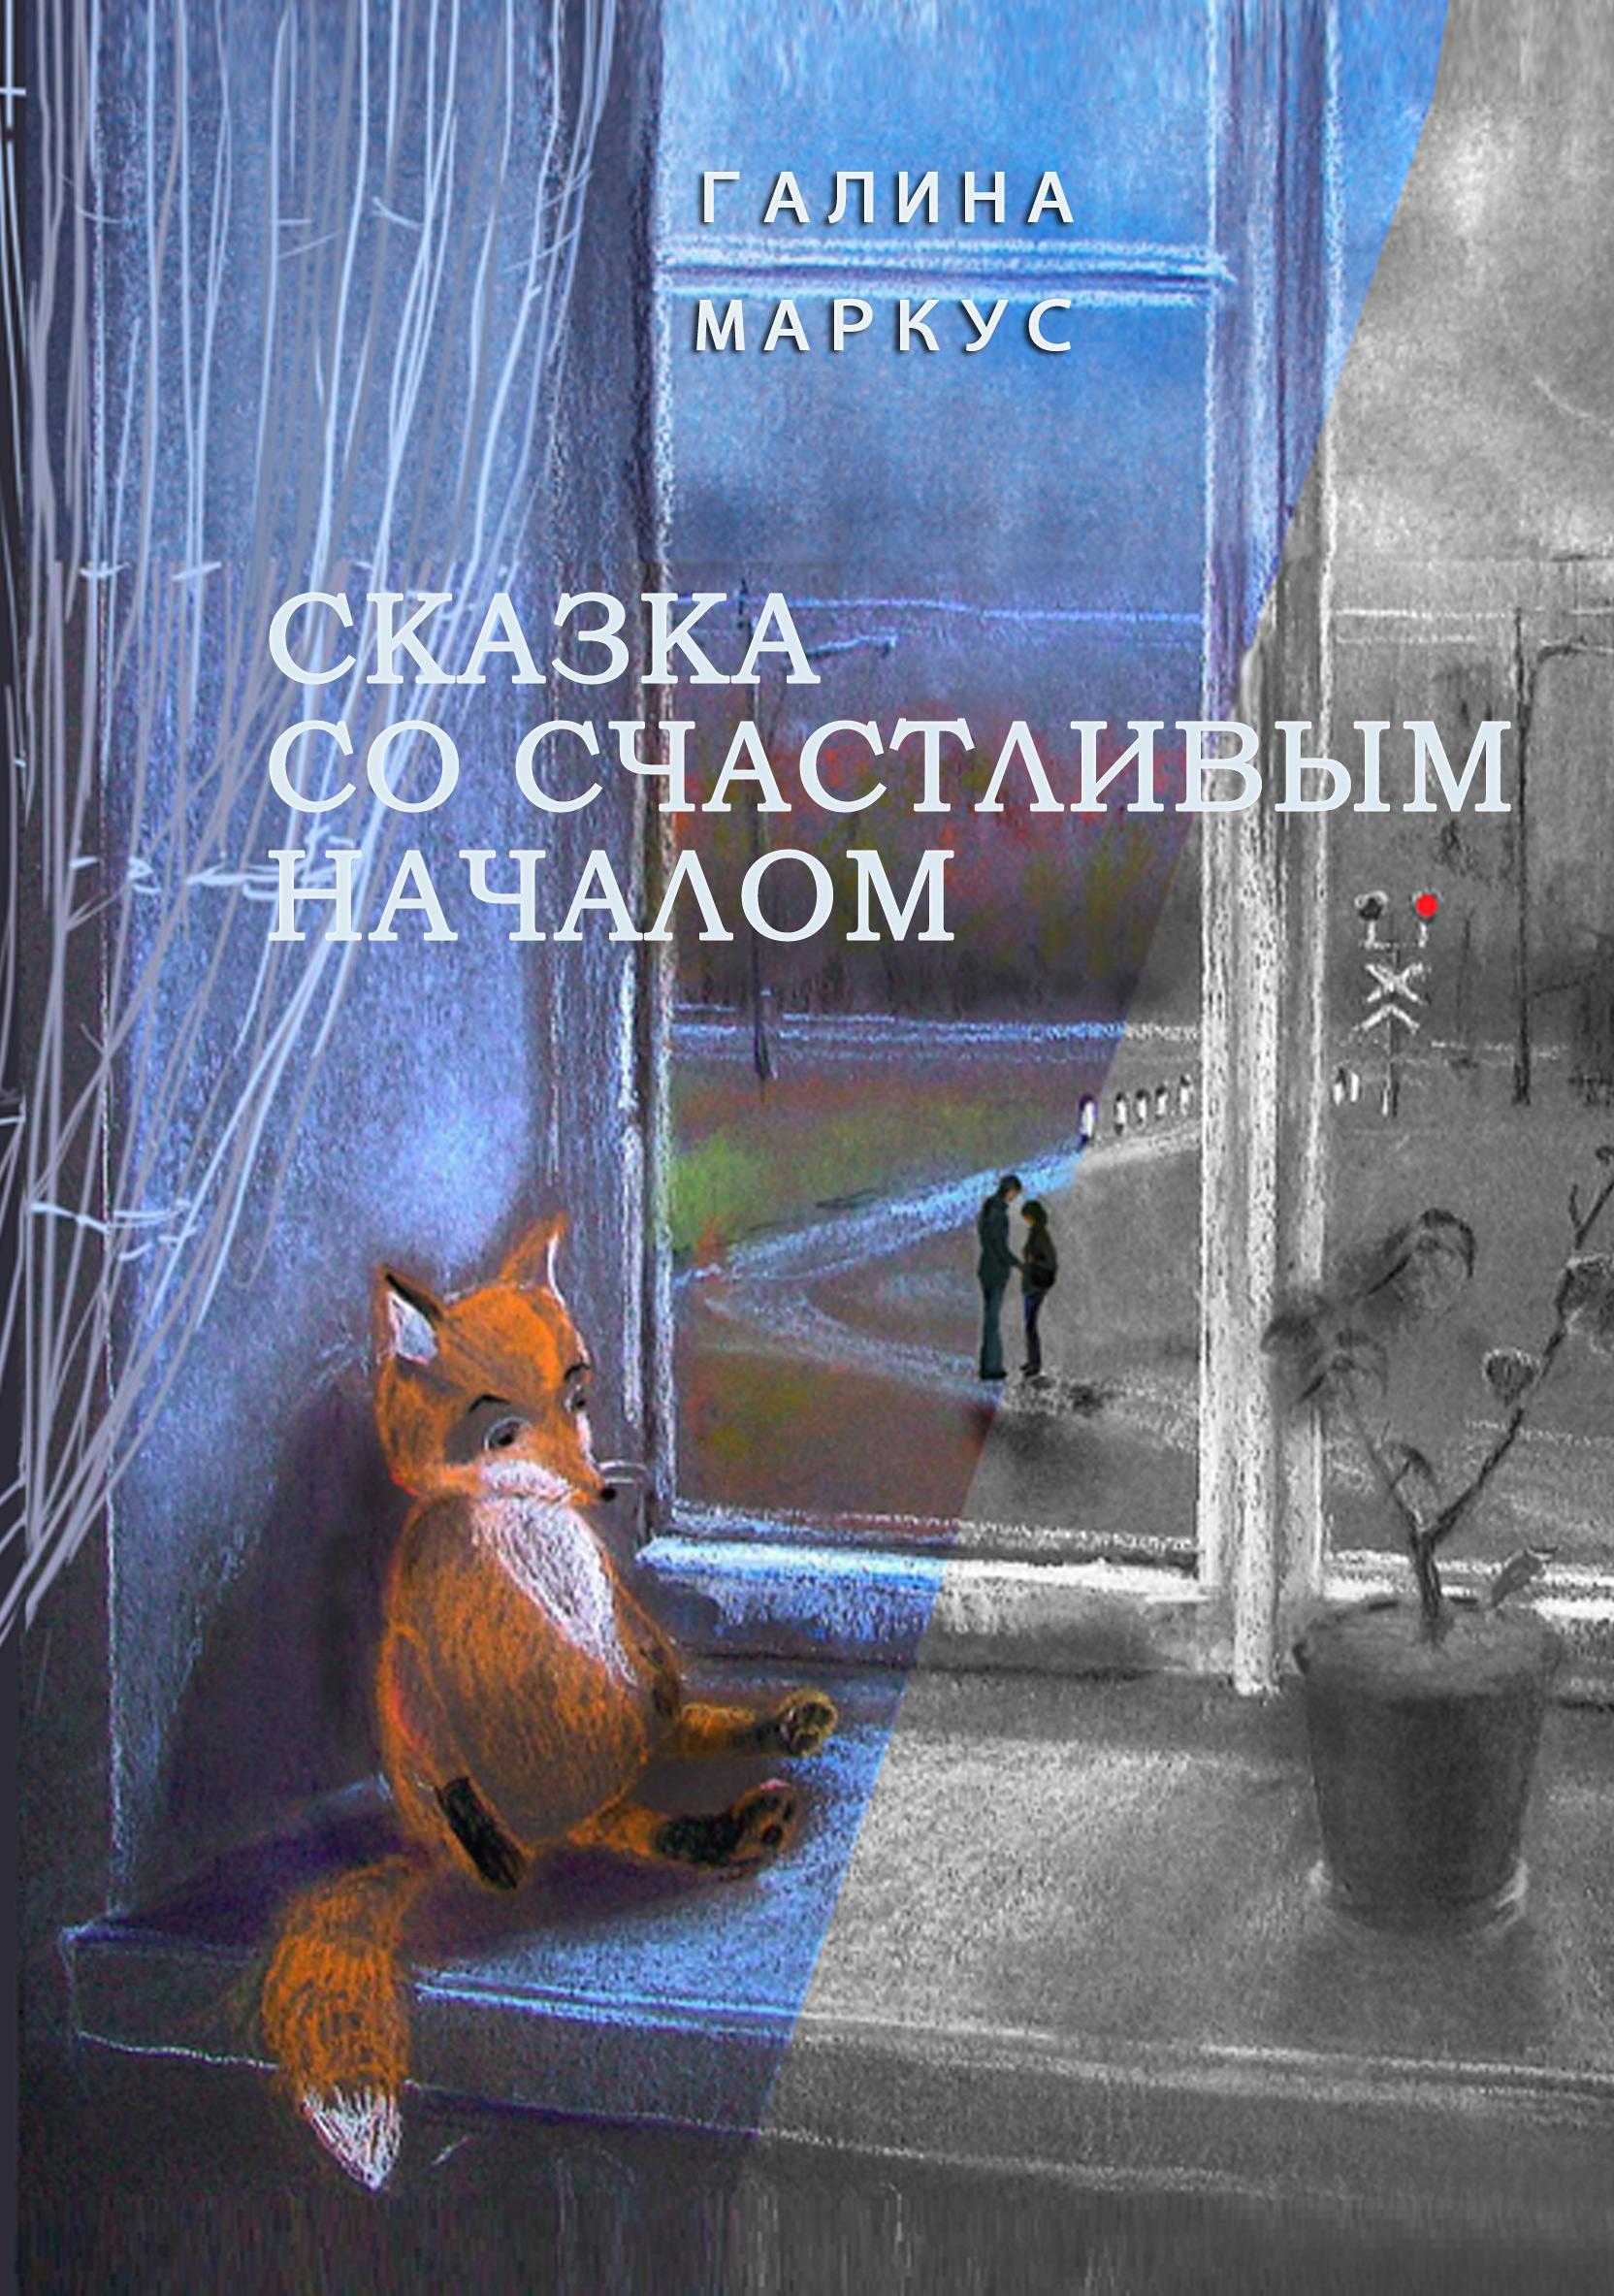 Сказка со счастливым началом